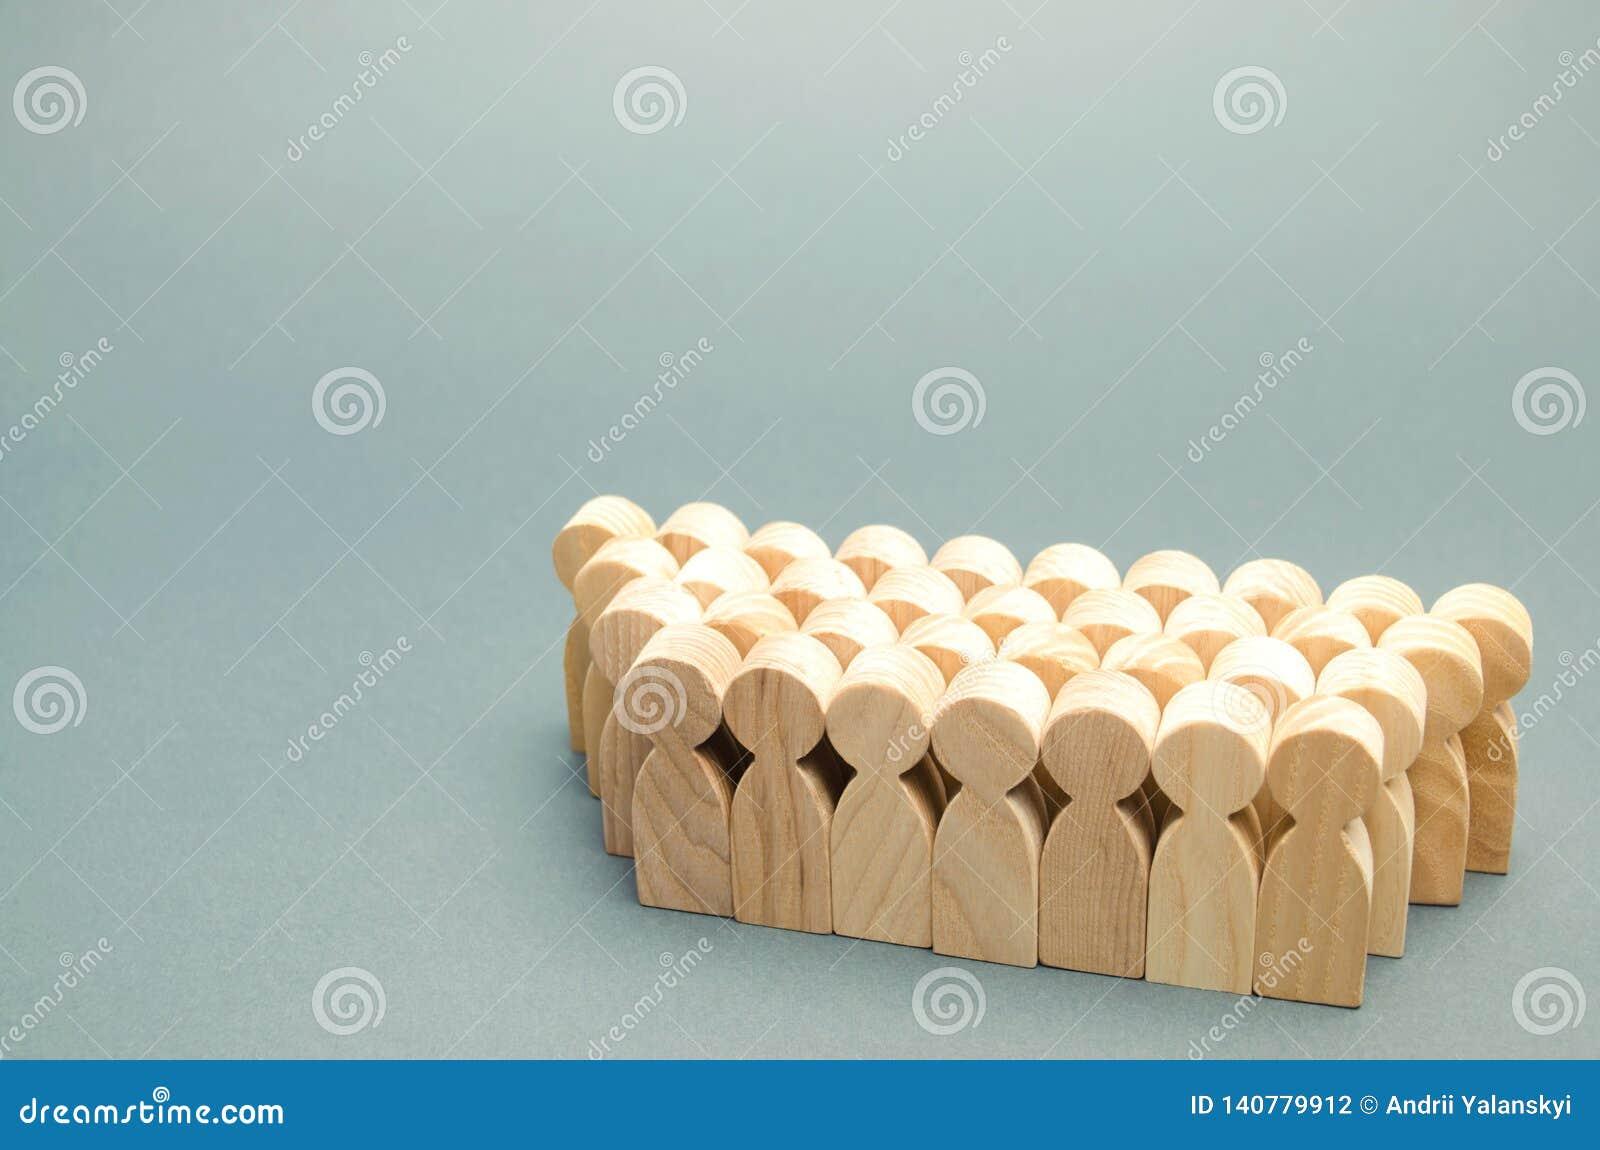 Το πλήθος των ξύλινων αριθμών των ανθρώπων Έννοια της επιχειρησιακής ομάδας Κολεκτίβα εργασίας Ομαδική εργασία υπάλληλοι Διαχείρι